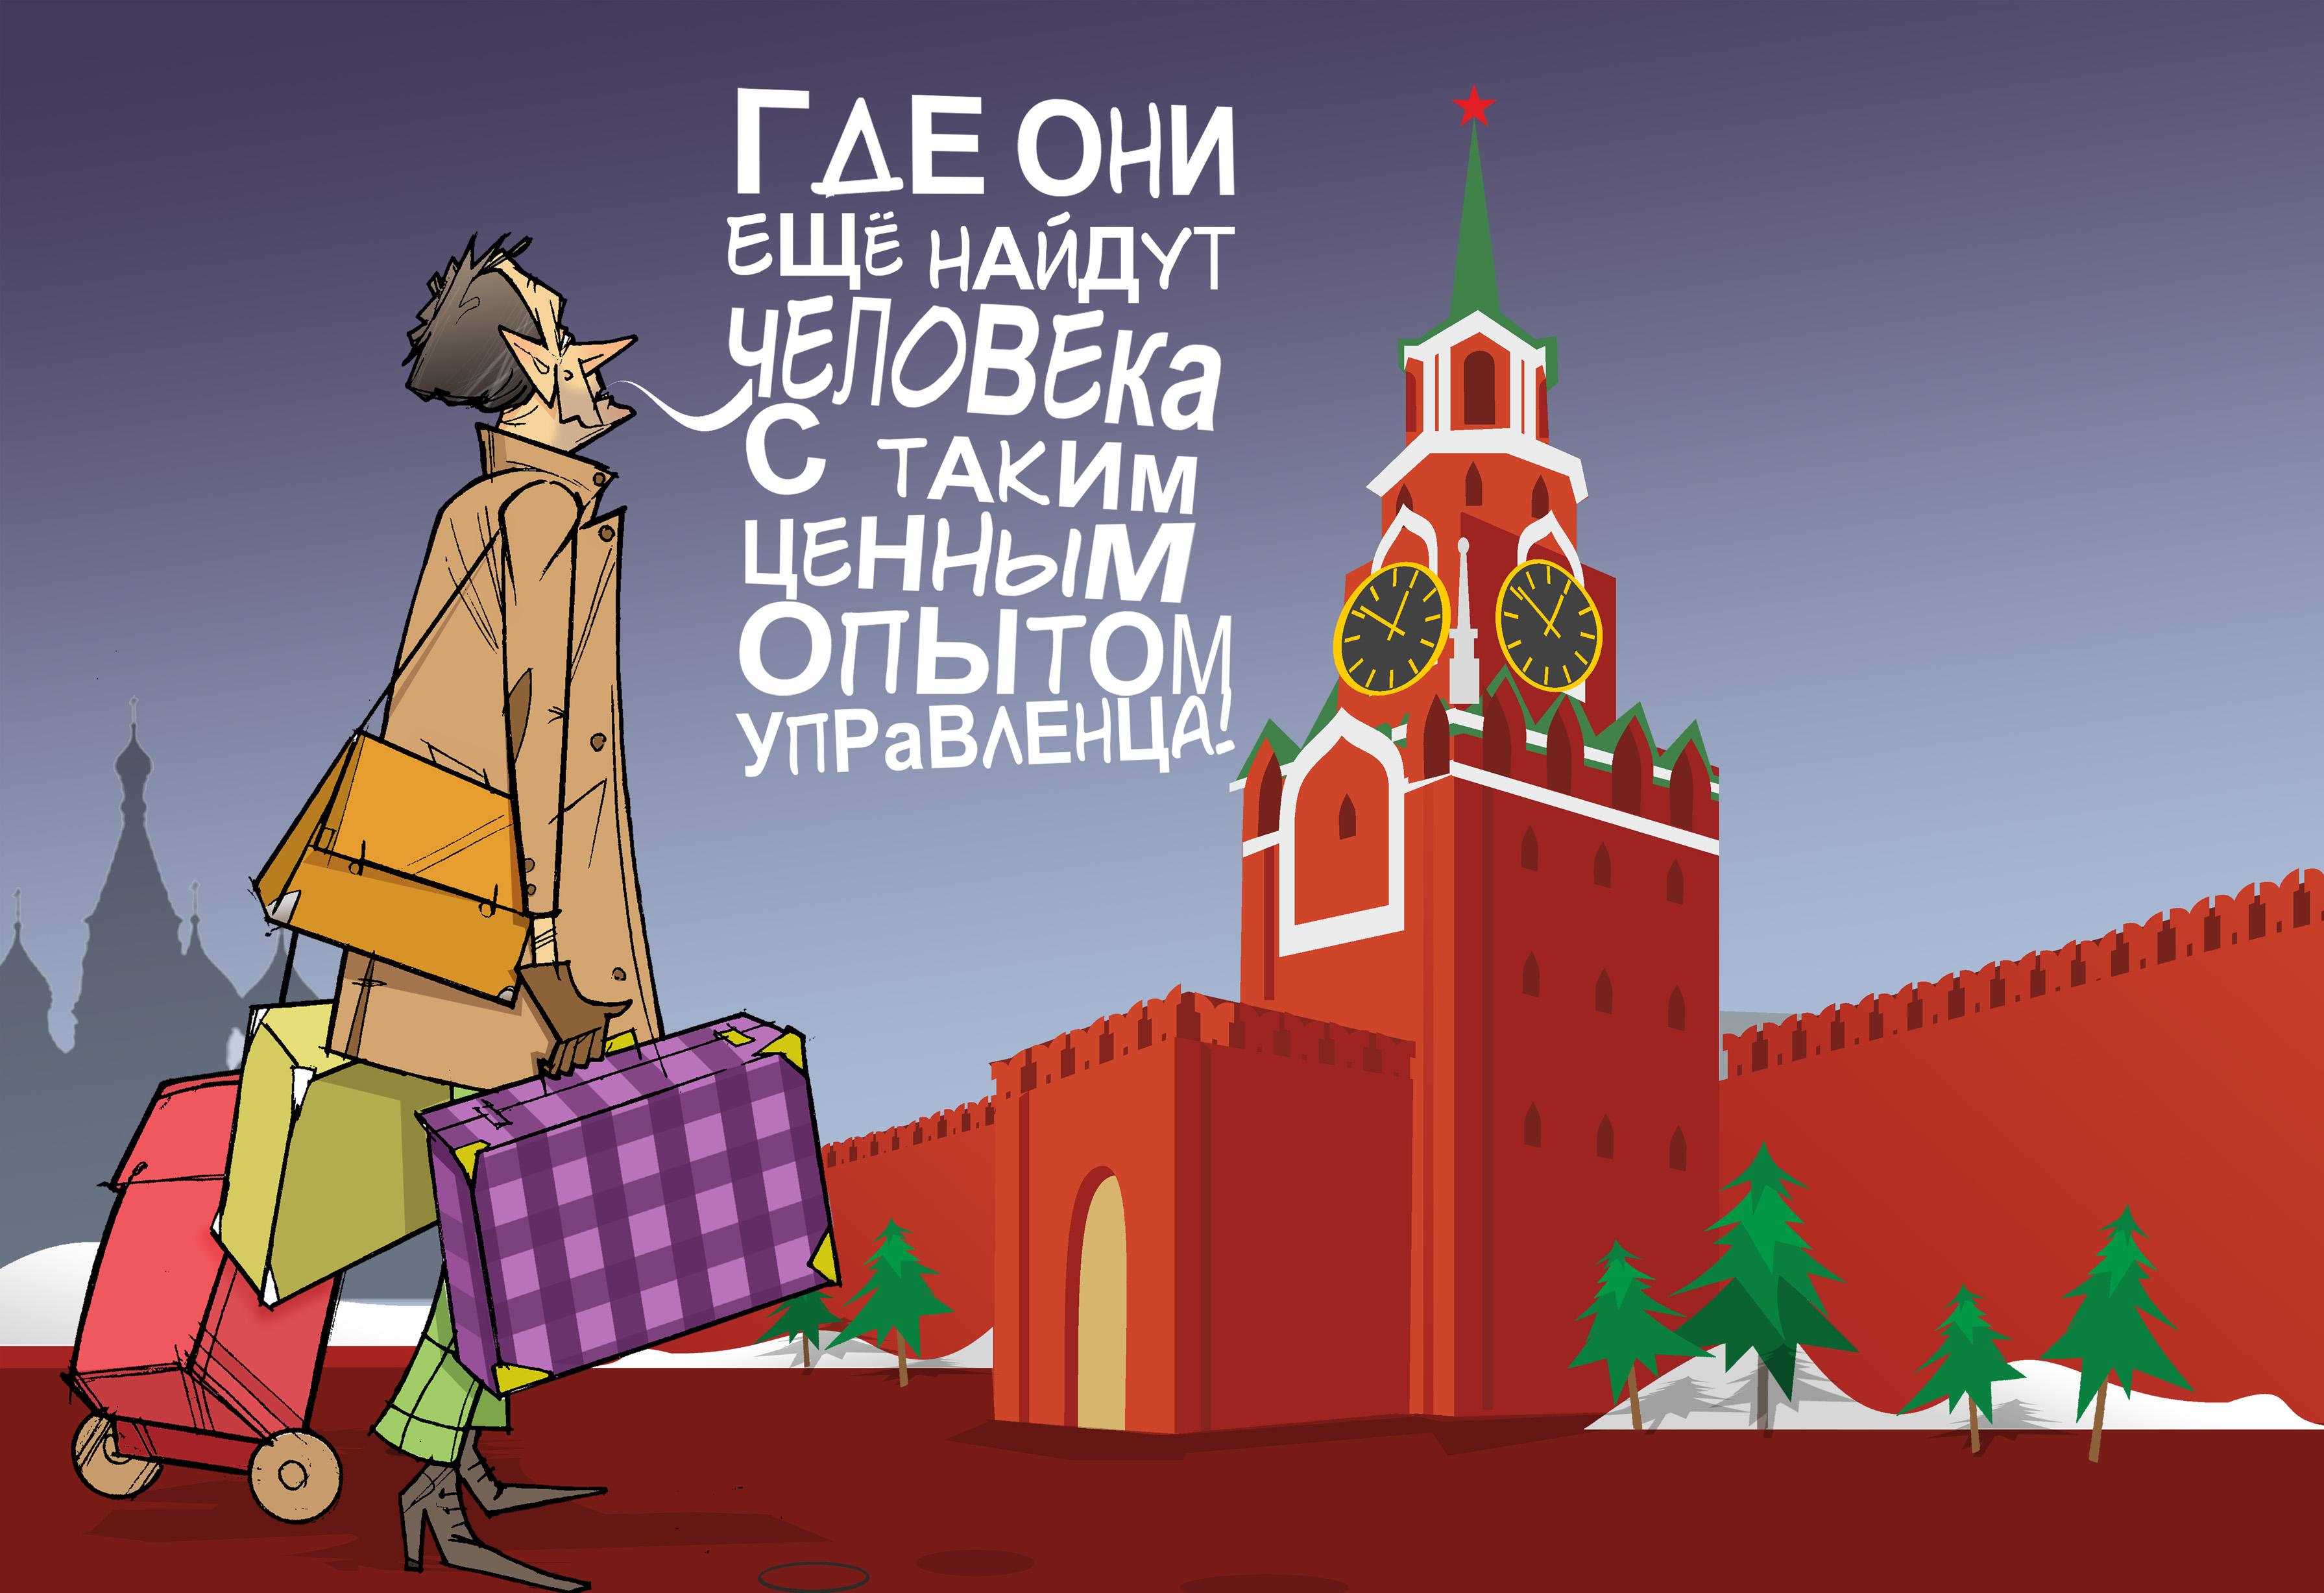 """Человек с опытом. #ПрезидентУР #Волков © Газета """"День"""" 2013"""